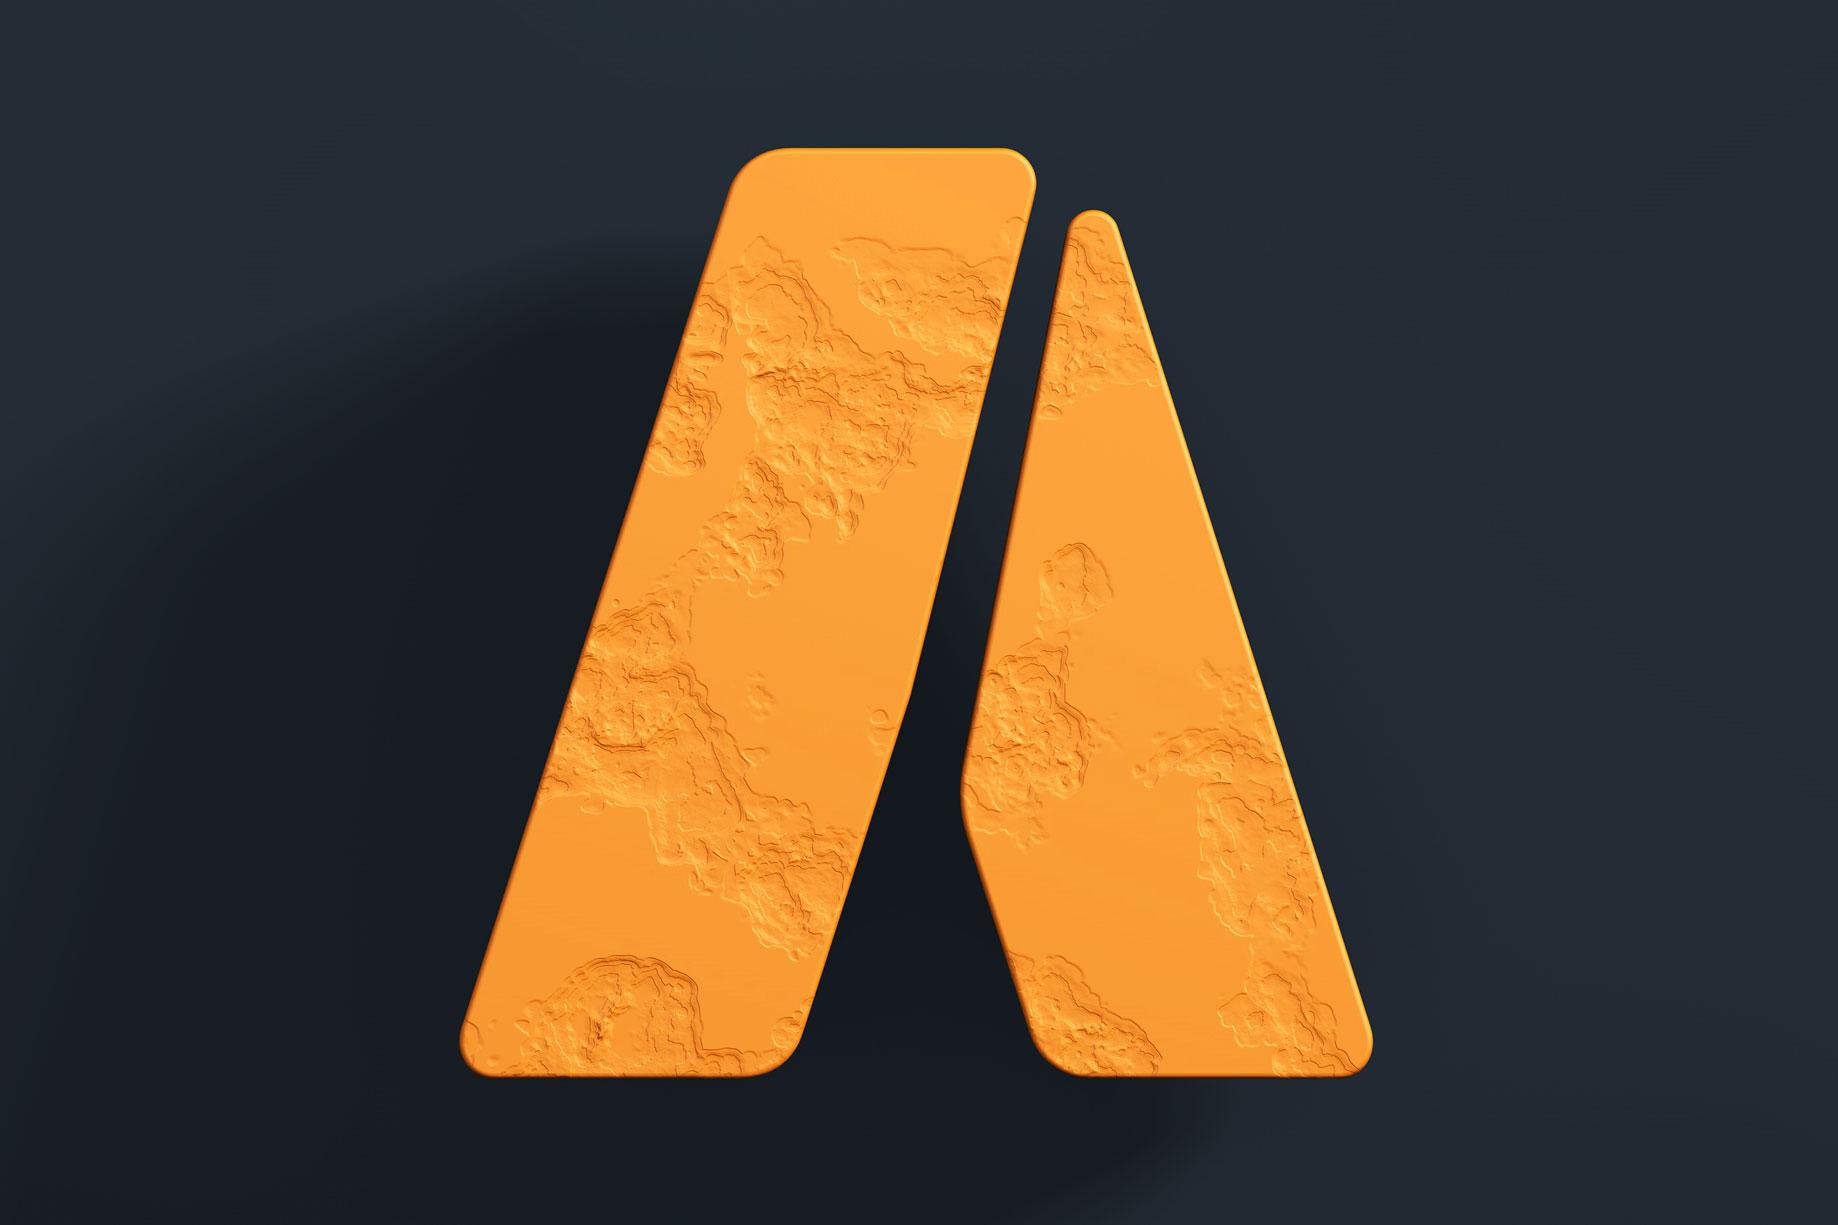 Identidad corporativa branding logotipo tipografía Altcontrol